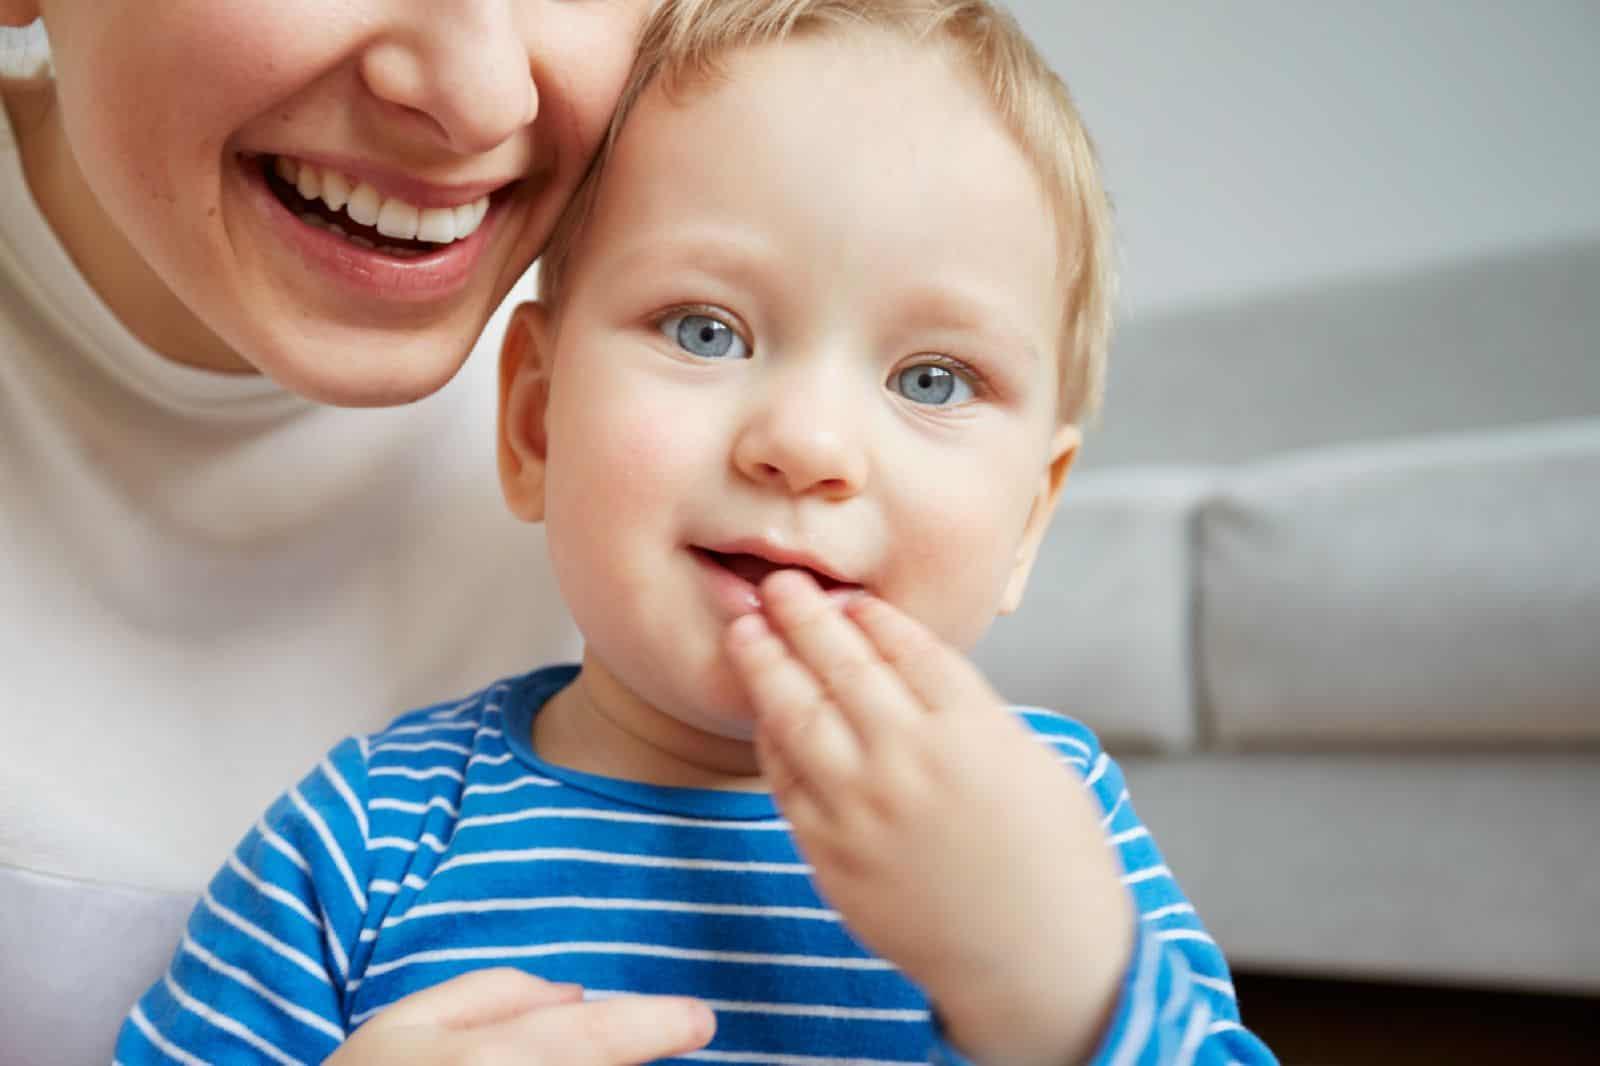 Закон об изменении личных данных как поменять фамилию ребенка на законных основаниях